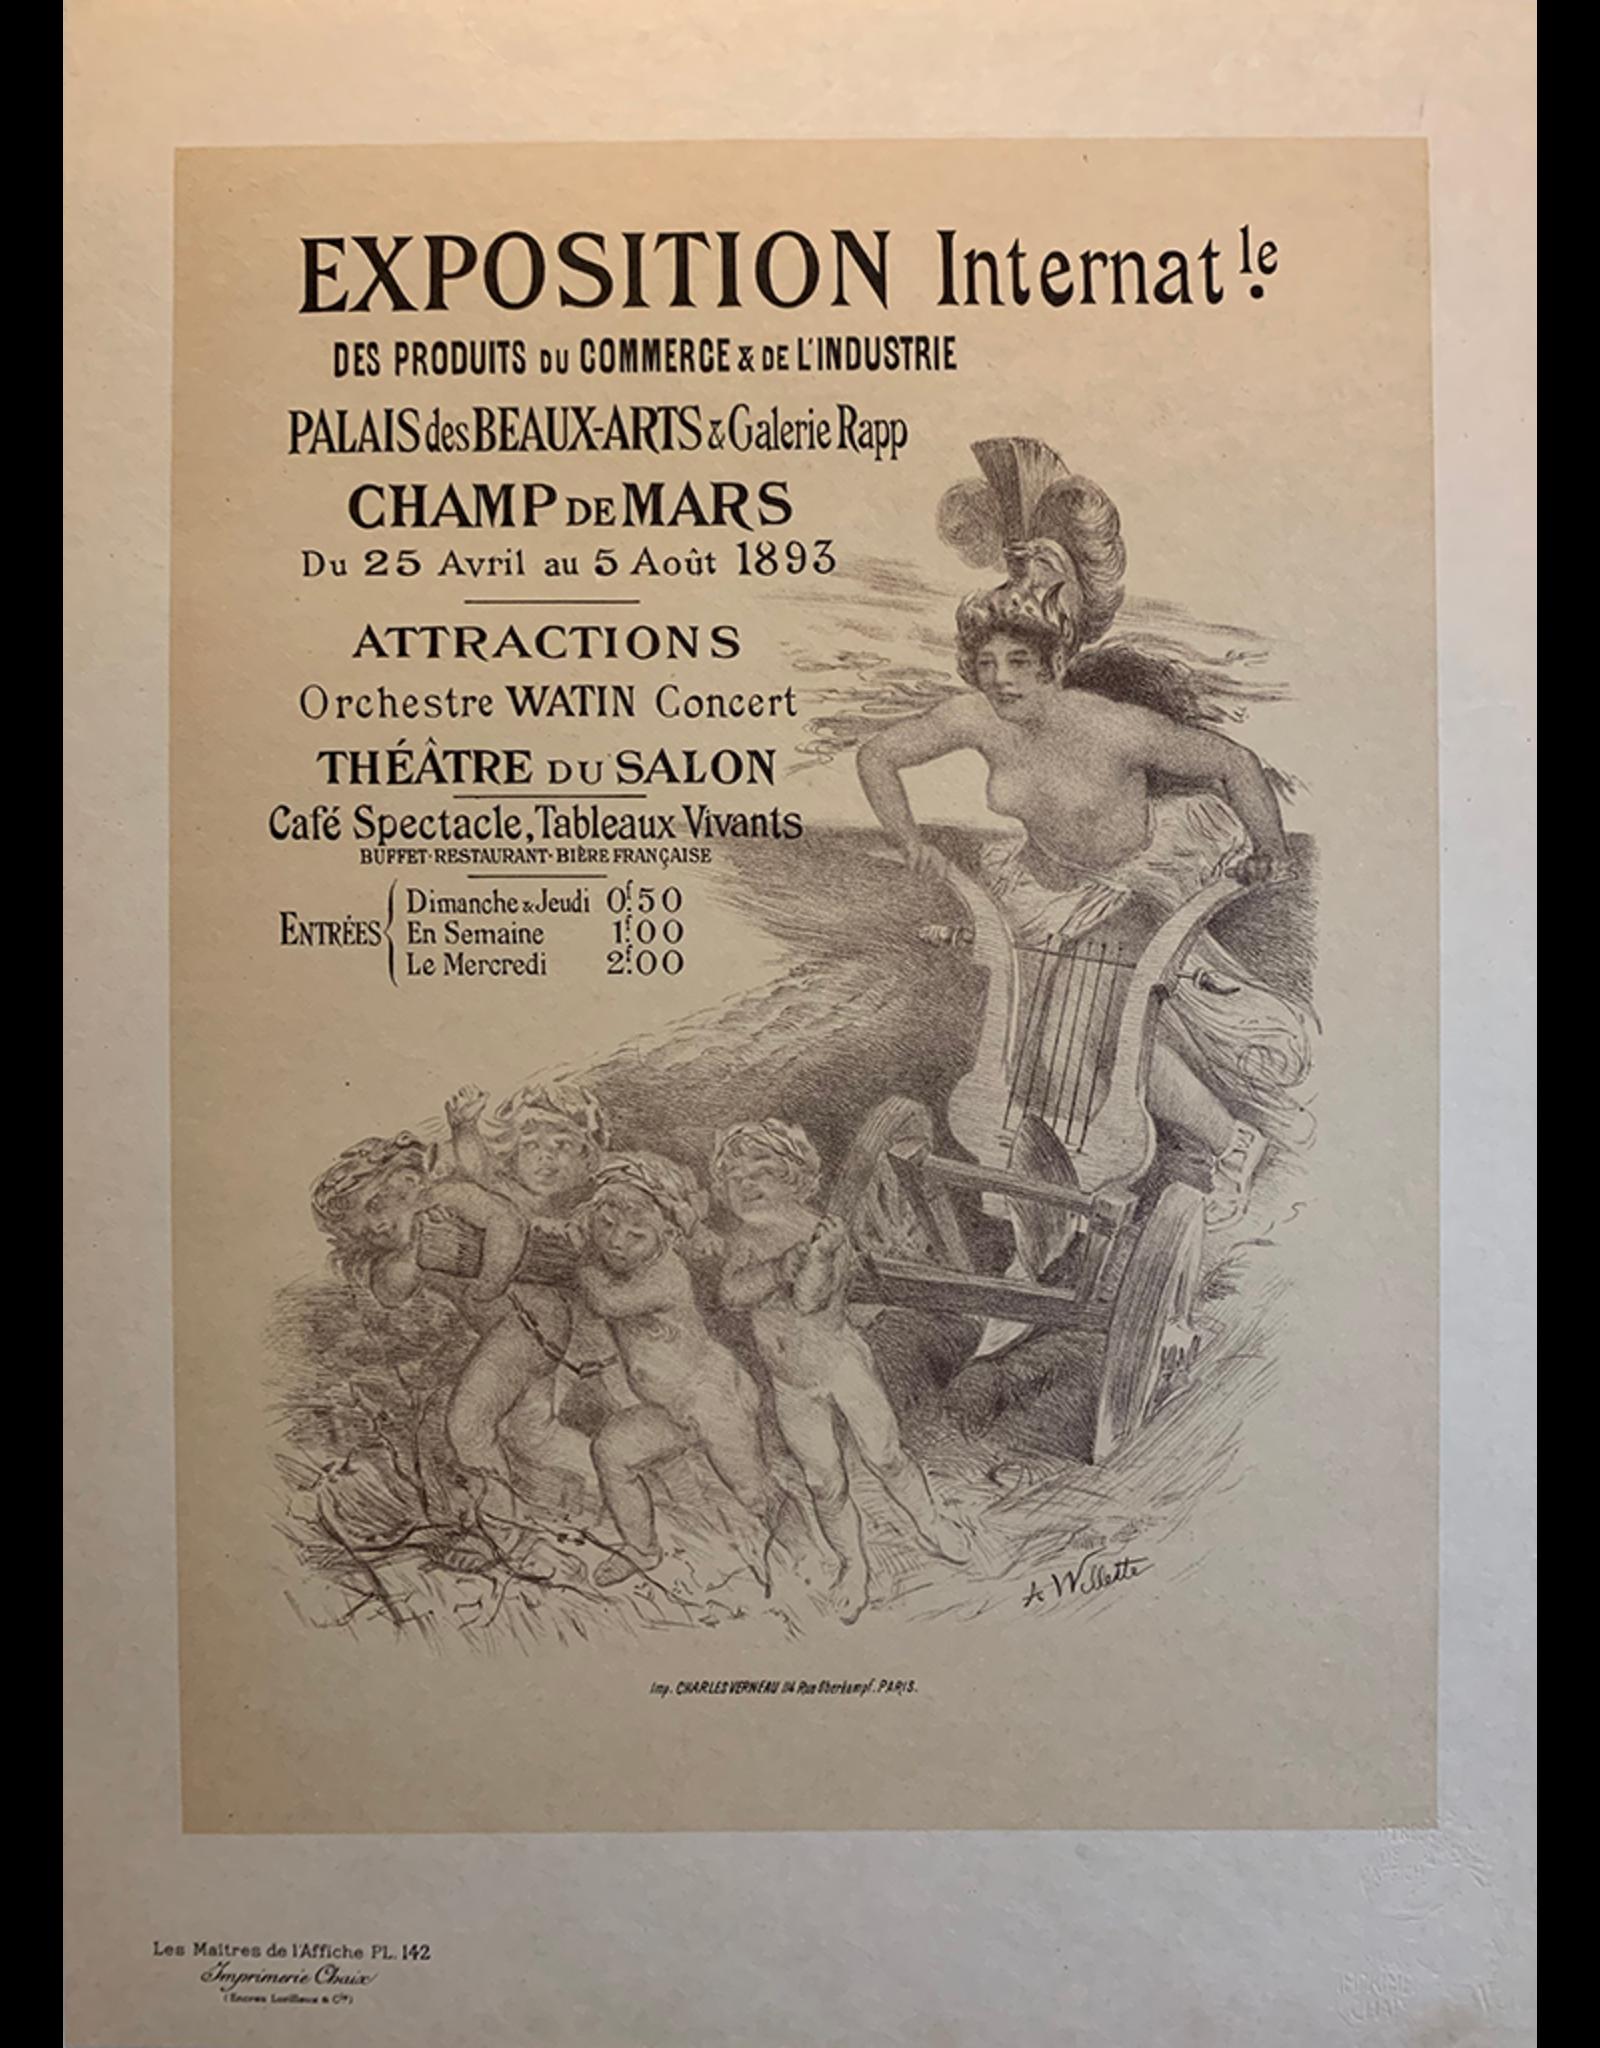 SPV Maitre de L'Affiche, plate 142, Exposition Internat